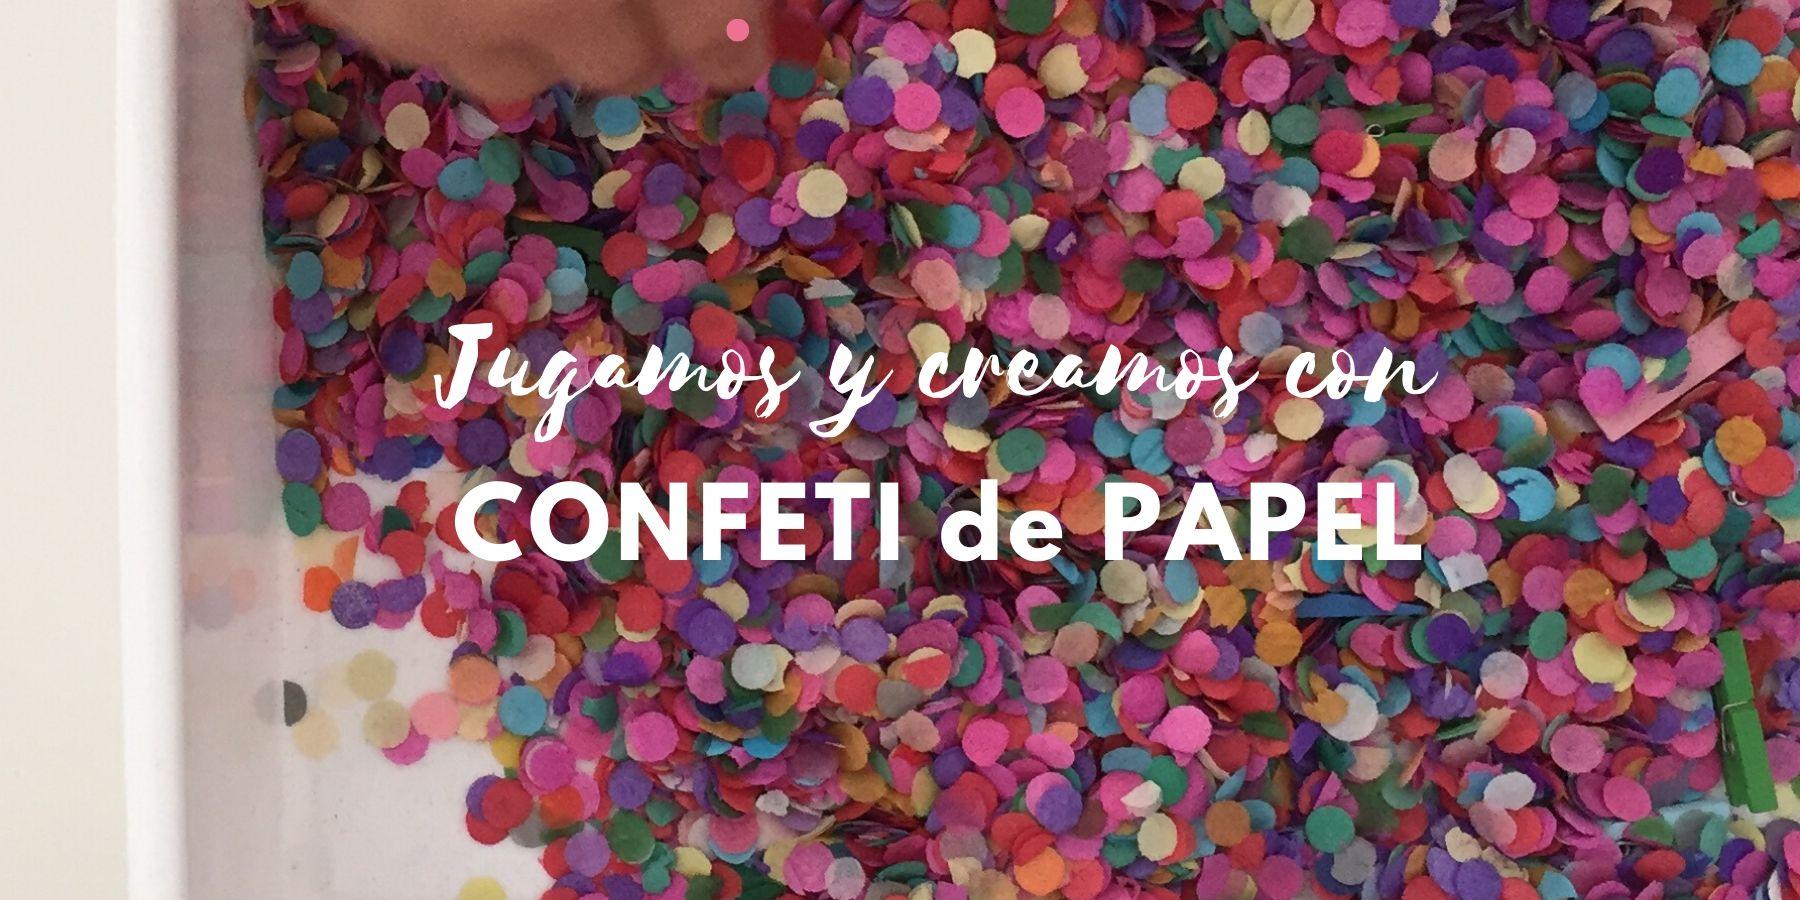 actividades con confeti de papel